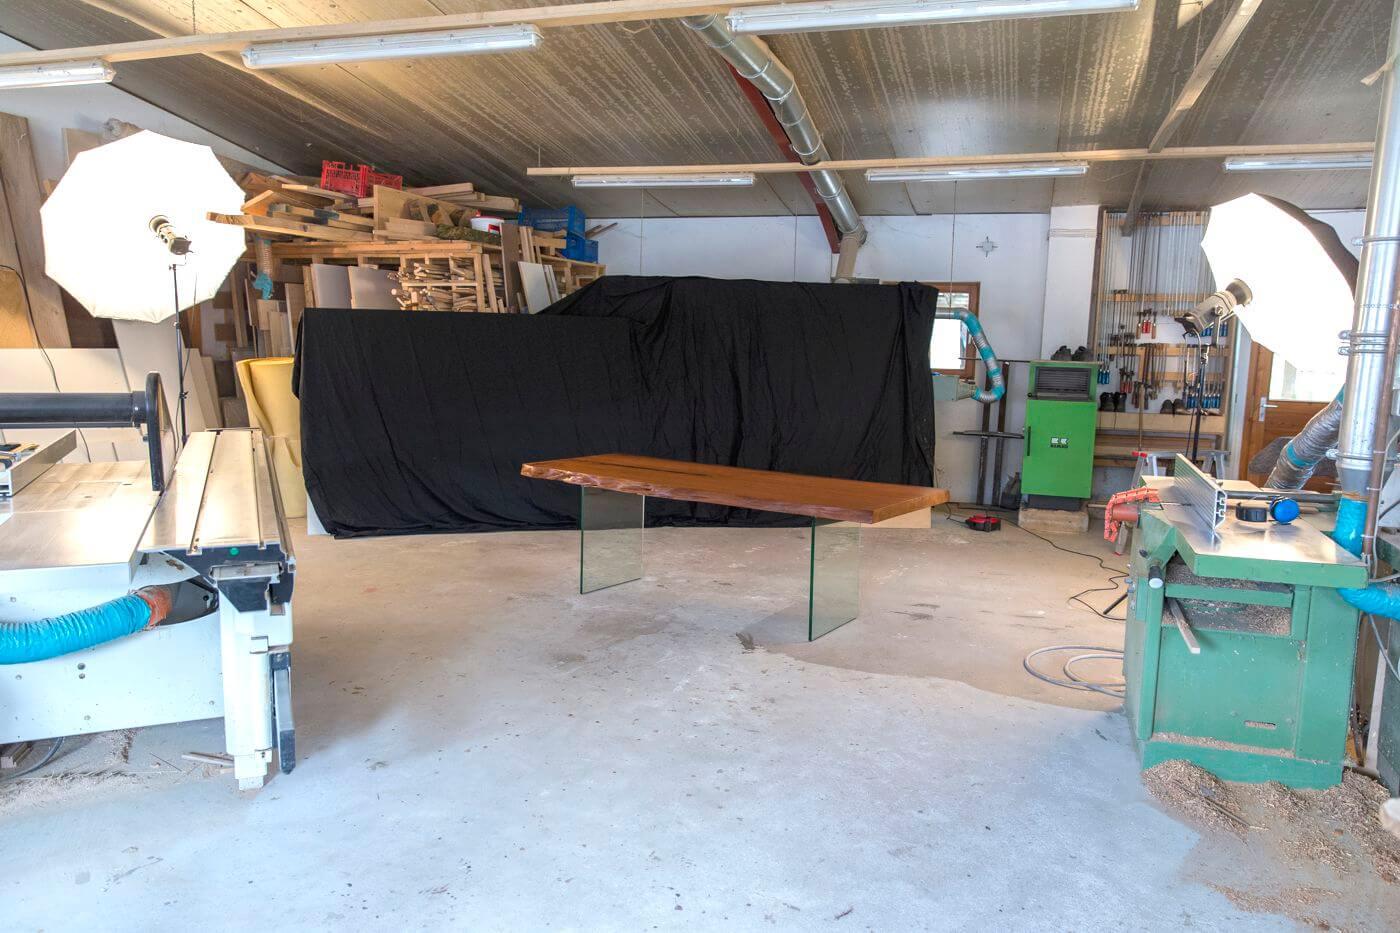 Werkstatt von Schreinermeister Michael Beaupoil in Goch zur Anfertigung von Designertischen und Holztisch Unikaten aus dem tausendjährigen Kauri Sumpfholz